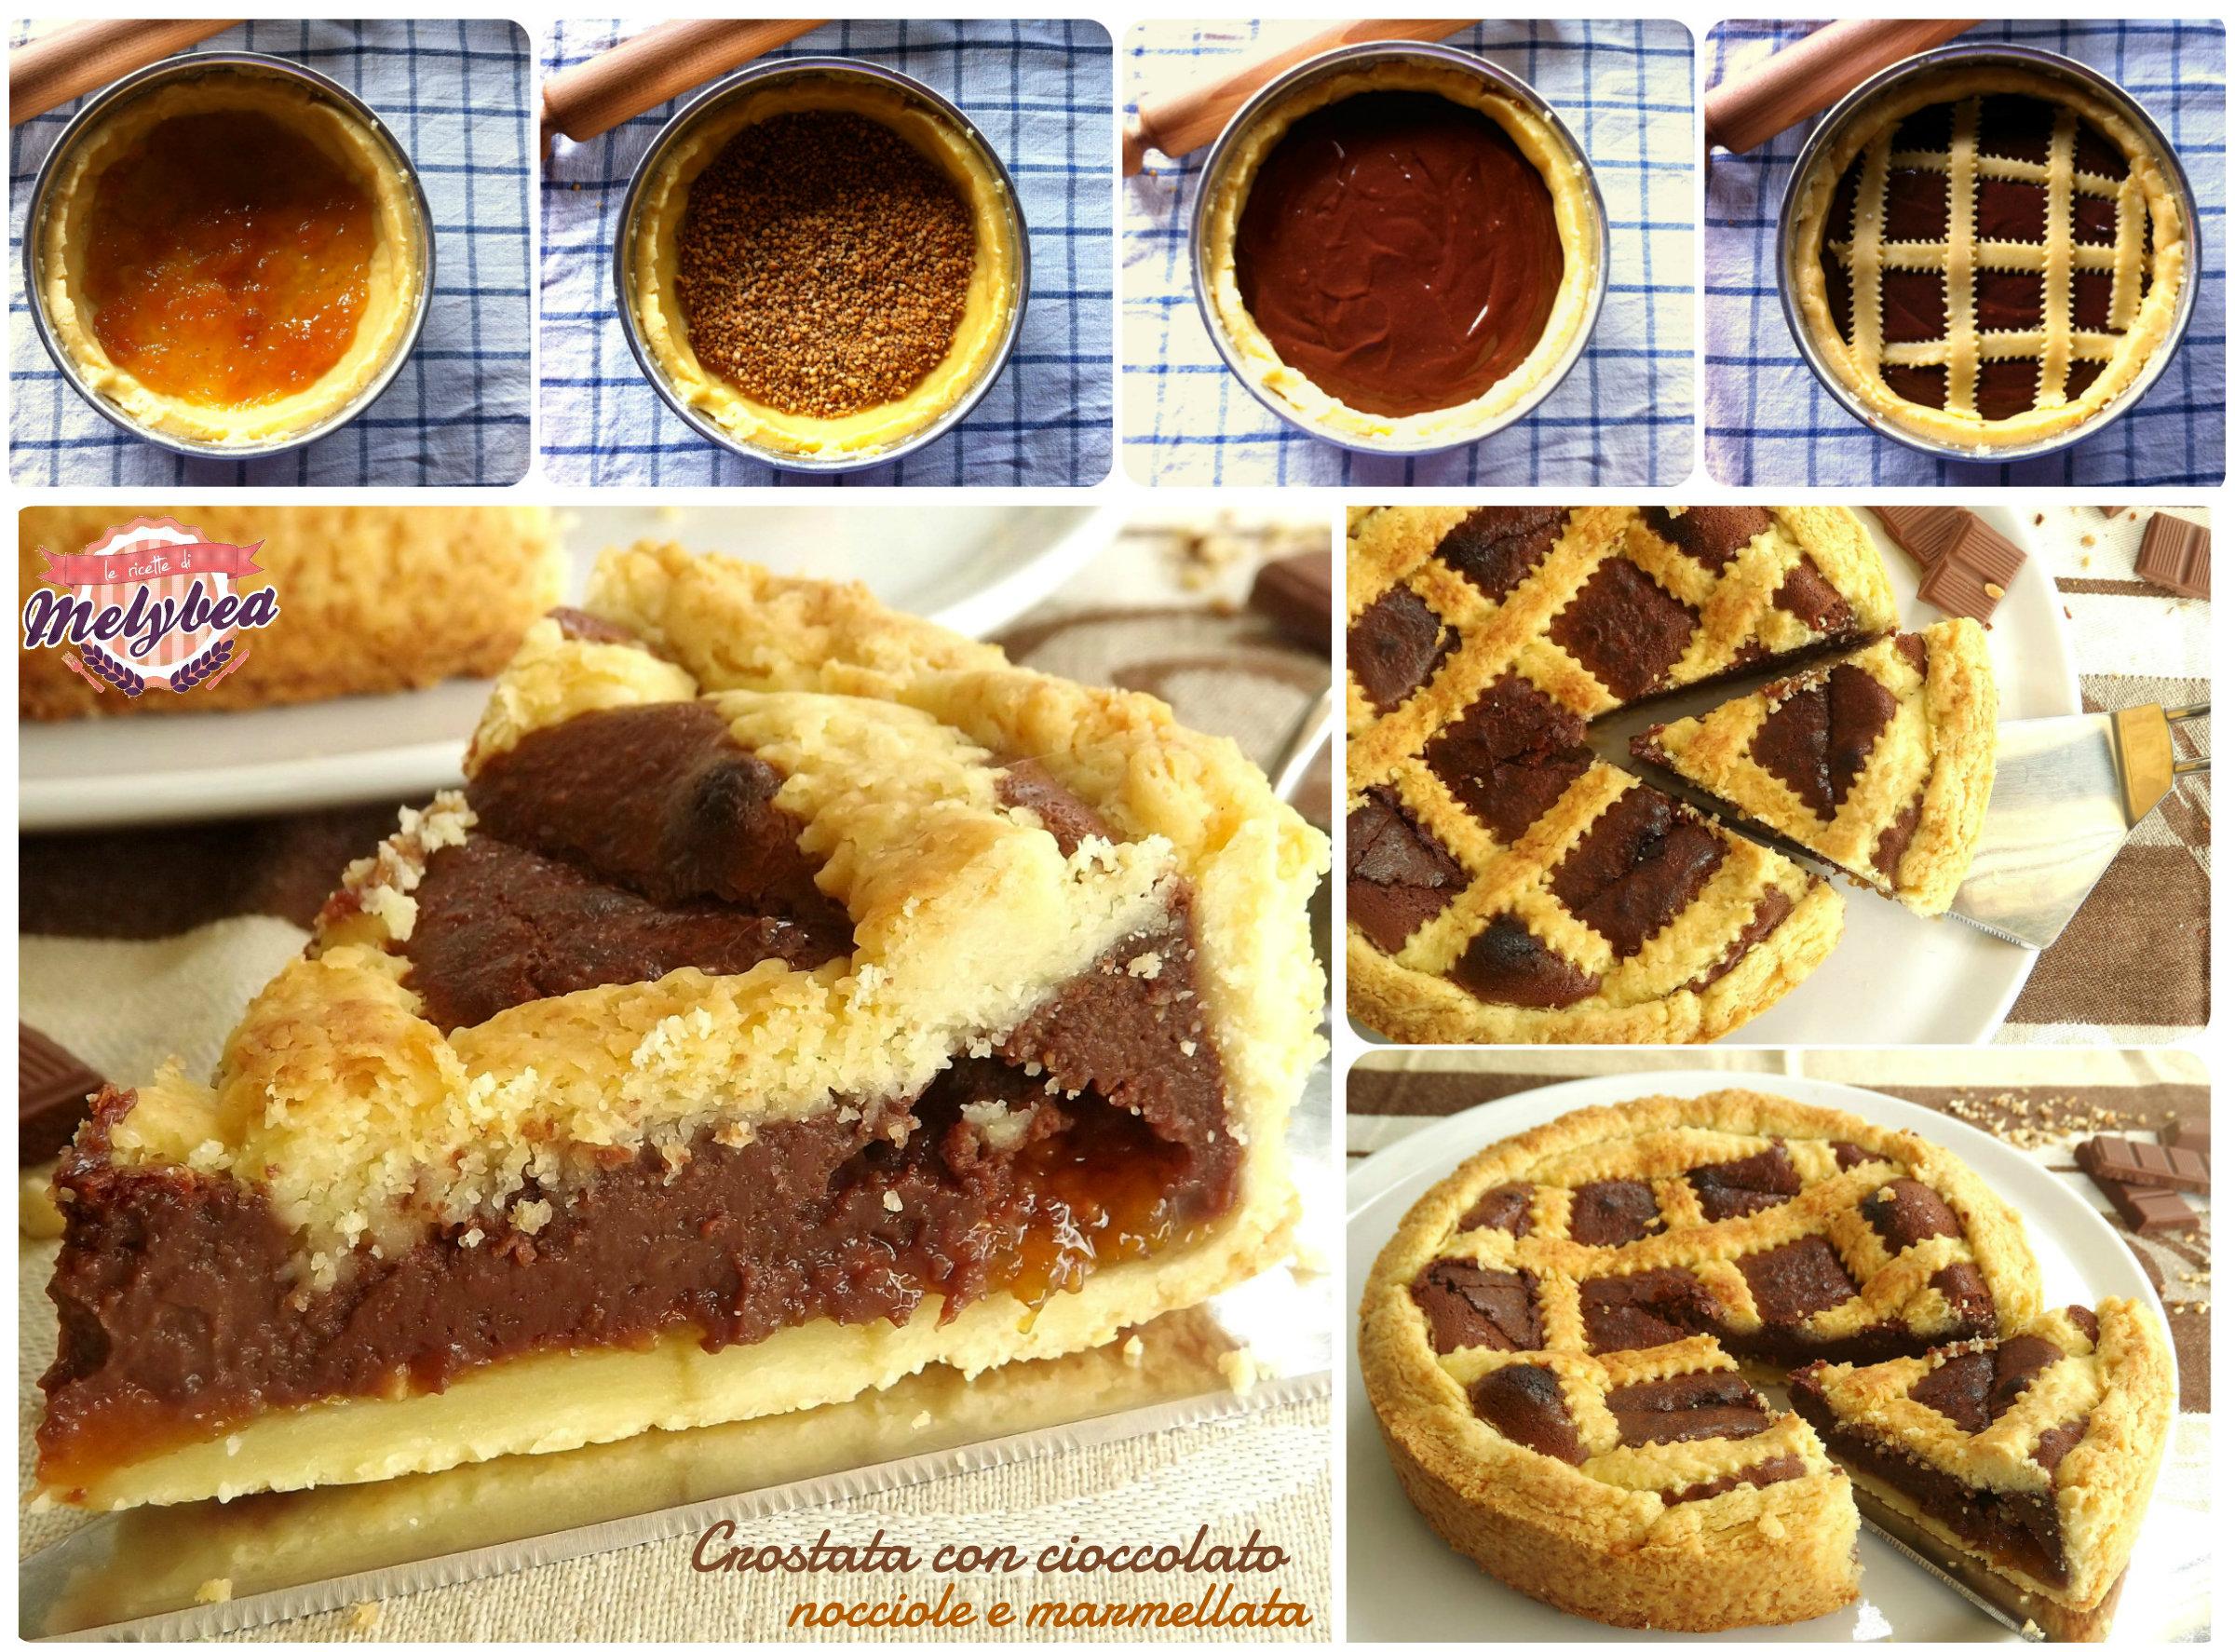 Crostata con cioccolato nocciole e marmellata - Le ricette di Melybea